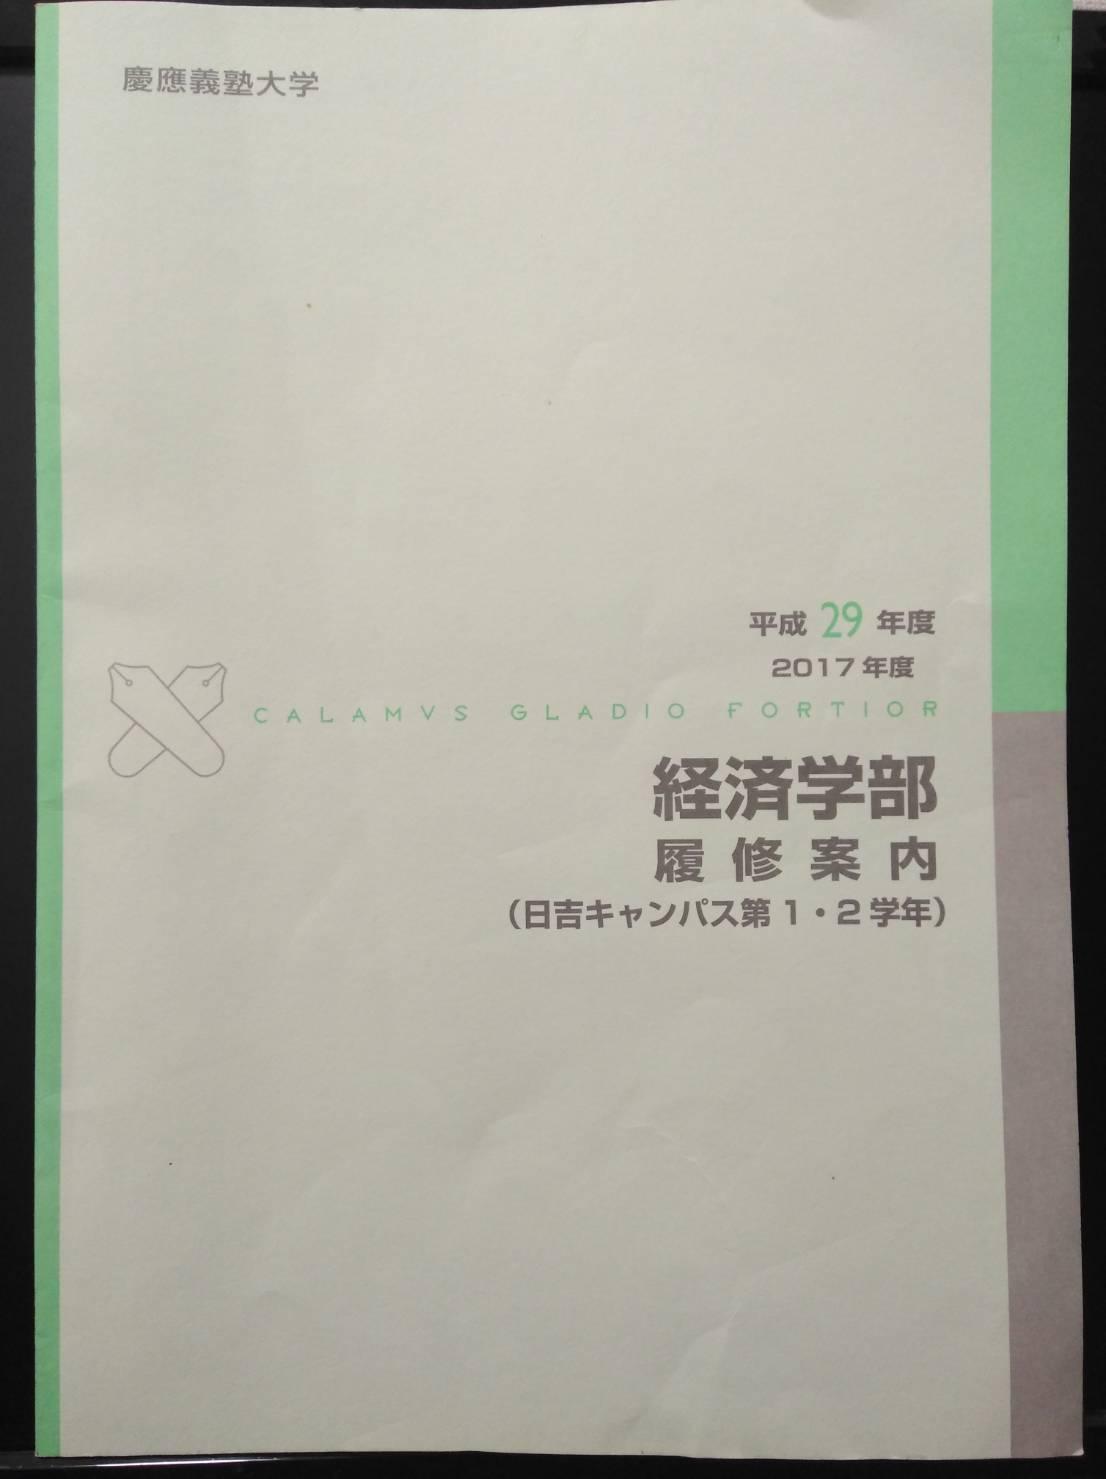 【新入生の皆様へ】慶應から送られてくる箱に入っているものについて(履修等について)